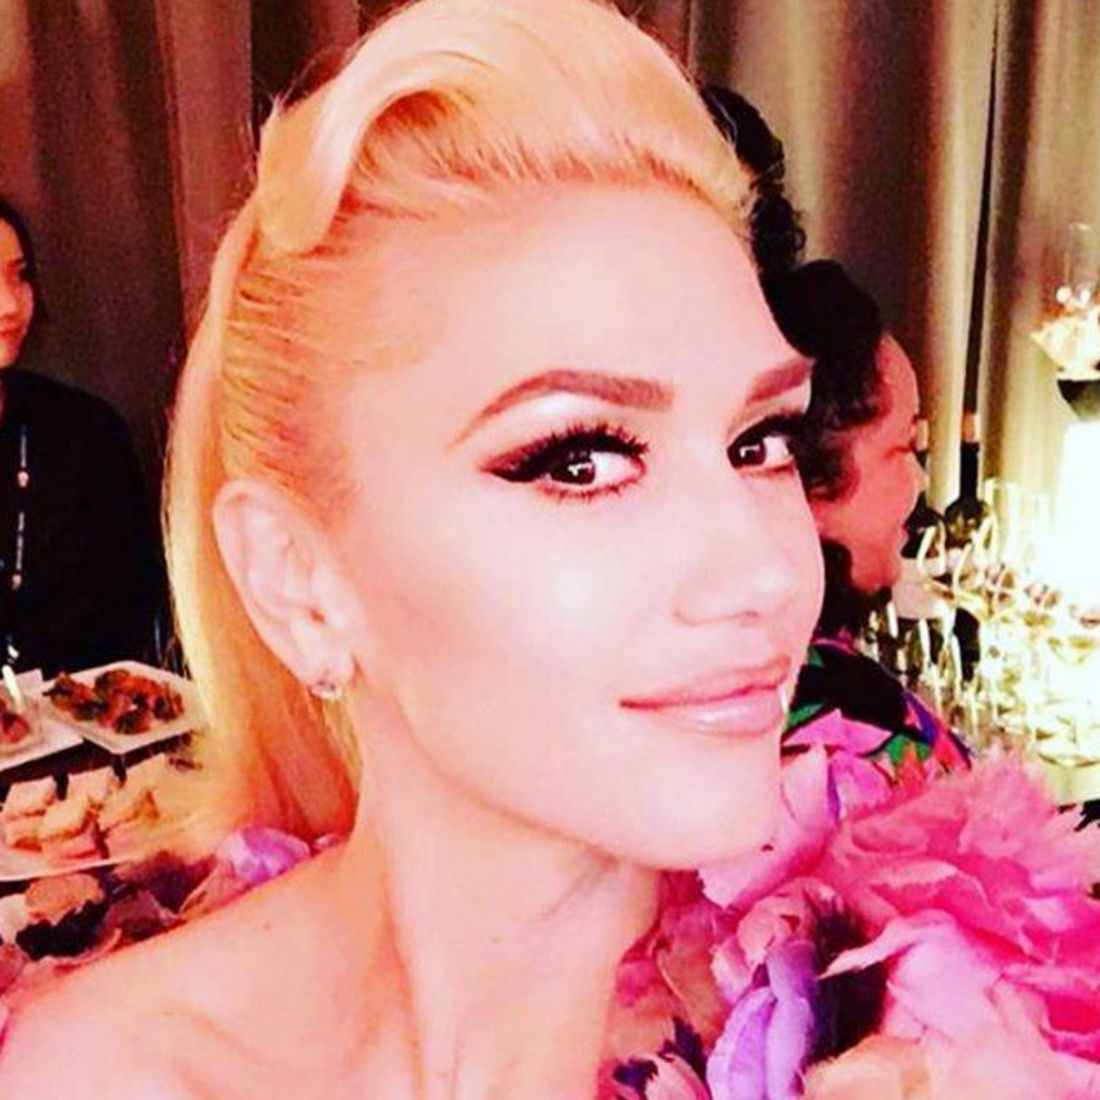 Gwen Stefani erweist sich als sehr wählerisch